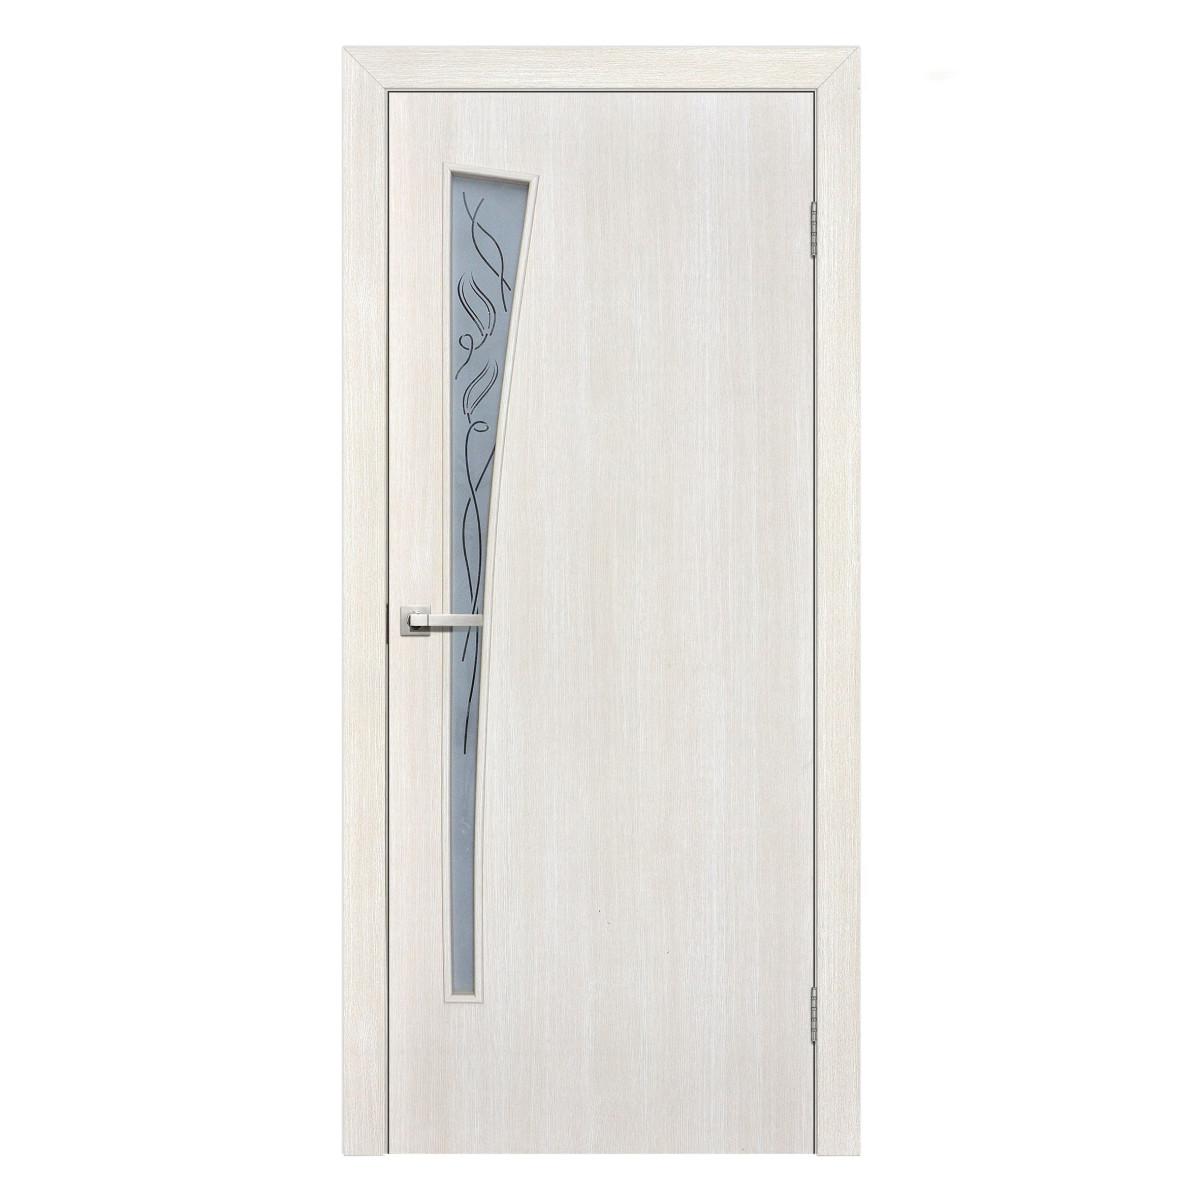 Дверь Межкомнатная Остеклённая Ламинированная Белеза 70x200 Цвет Белый Дуб